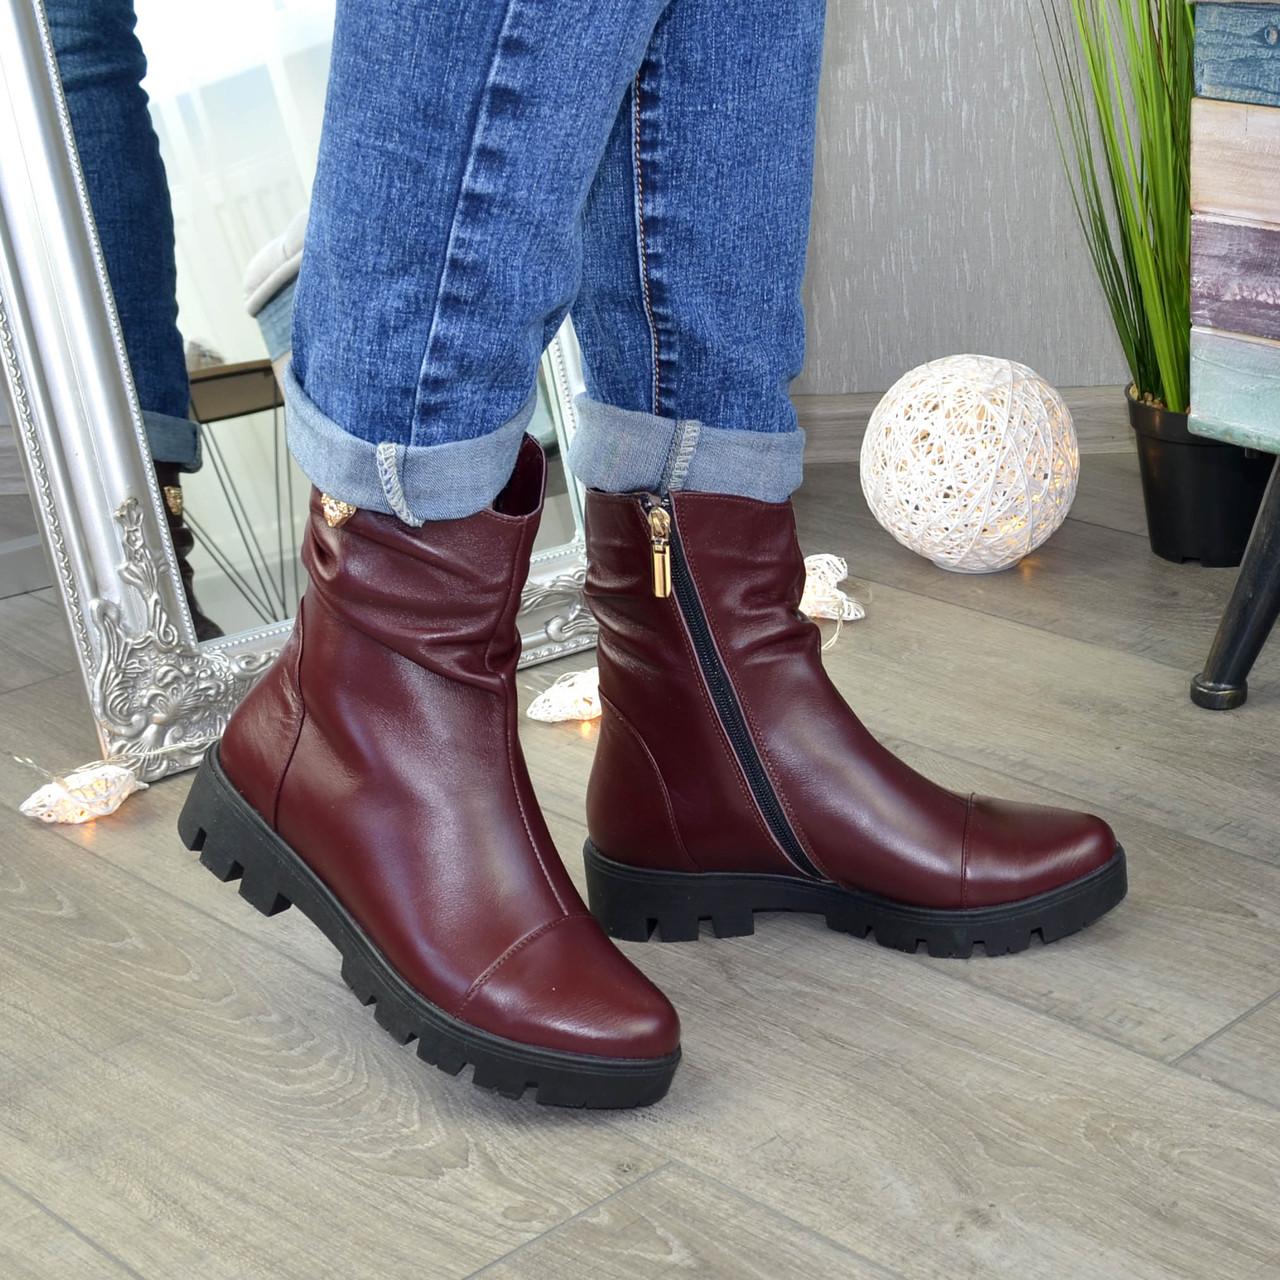 Ботинки женские кожаные демисезонные бордовые на тракторной подошве